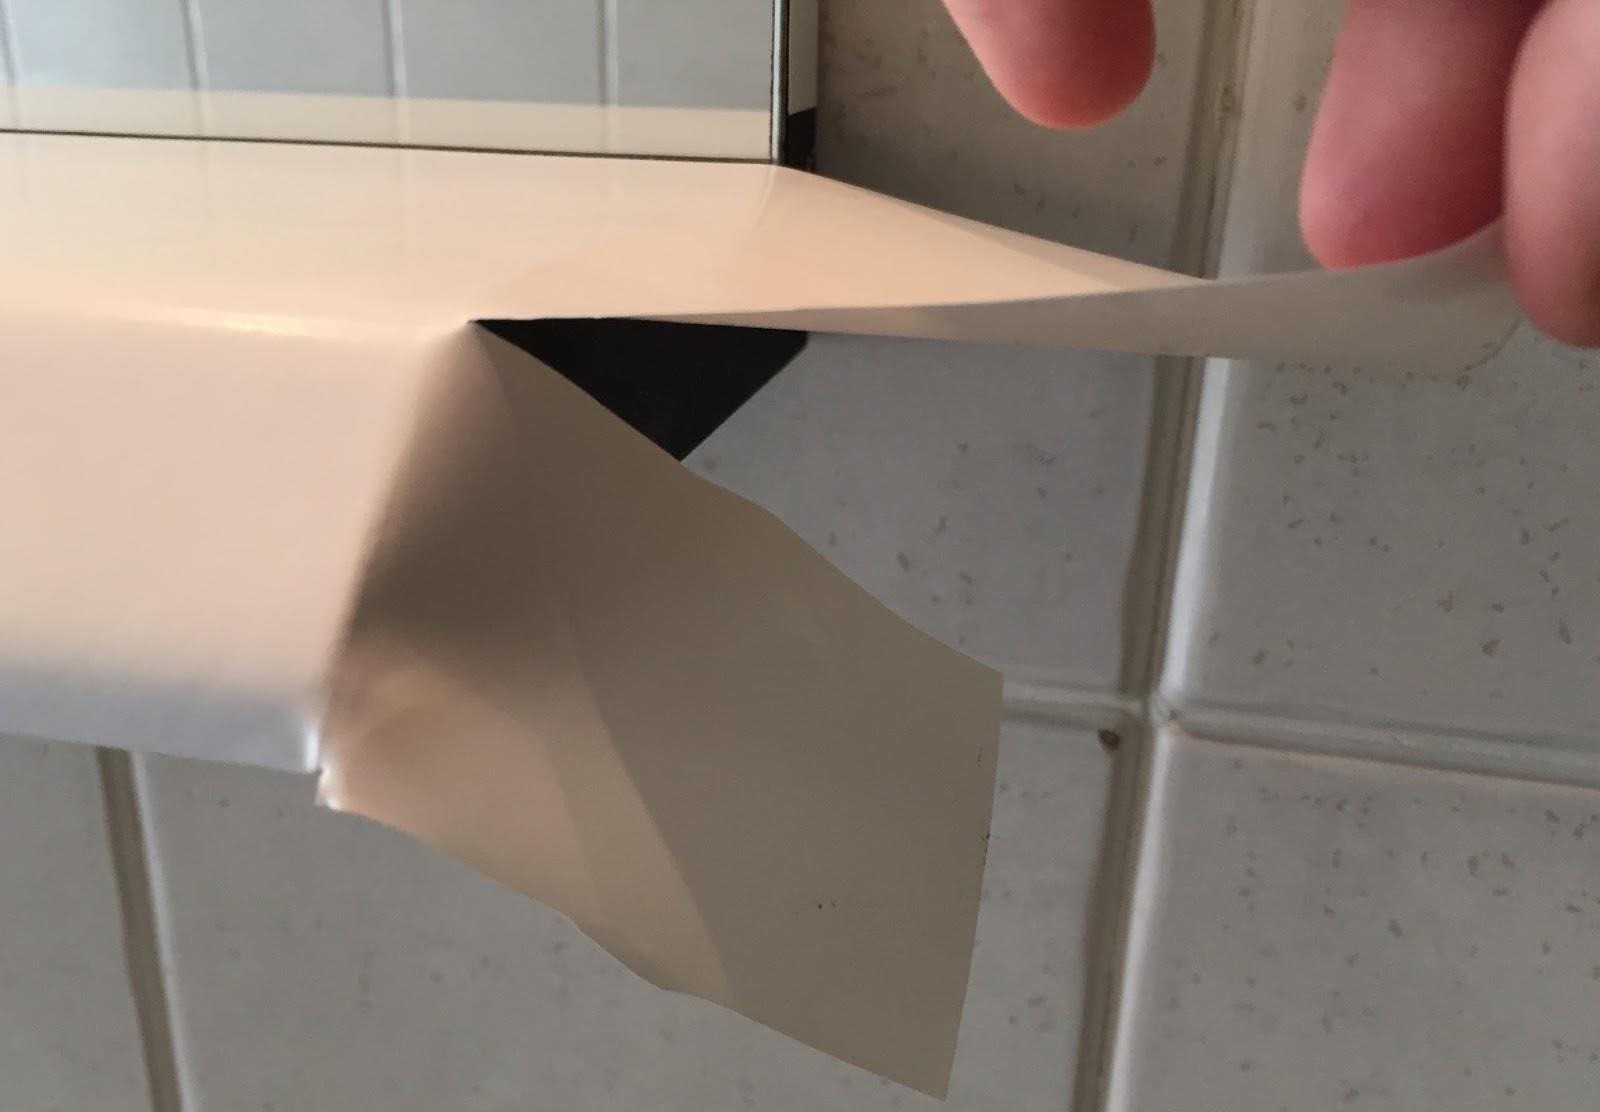 Carta Adesiva Per Rivestire Mobili.Carta Adesiva Per Mensole Idea D Immagine Di Decorazione